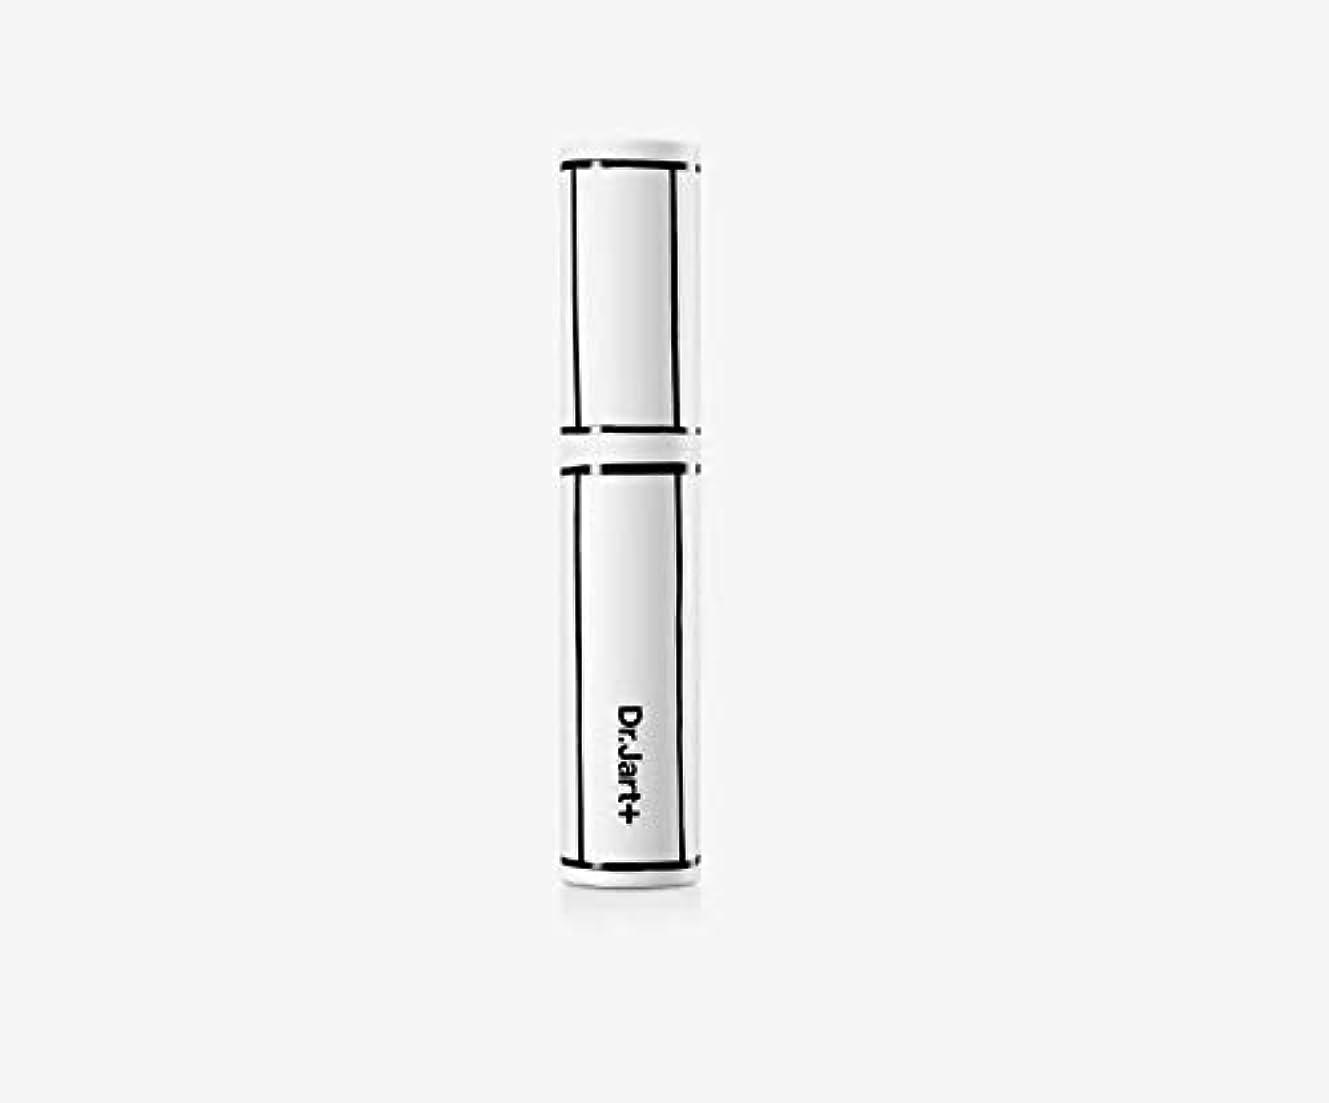 パッチクライストチャーチ宙返りDr.Jart+ドクタージャルトゥザメーキャップソフトリキッドコンシーラー SPF30 PA++ 5ml / Dr.Jart+ Dermakeup Soft Liquid Concealer SPF30 PA++ 5ml [並行輸入品] (01ライト)